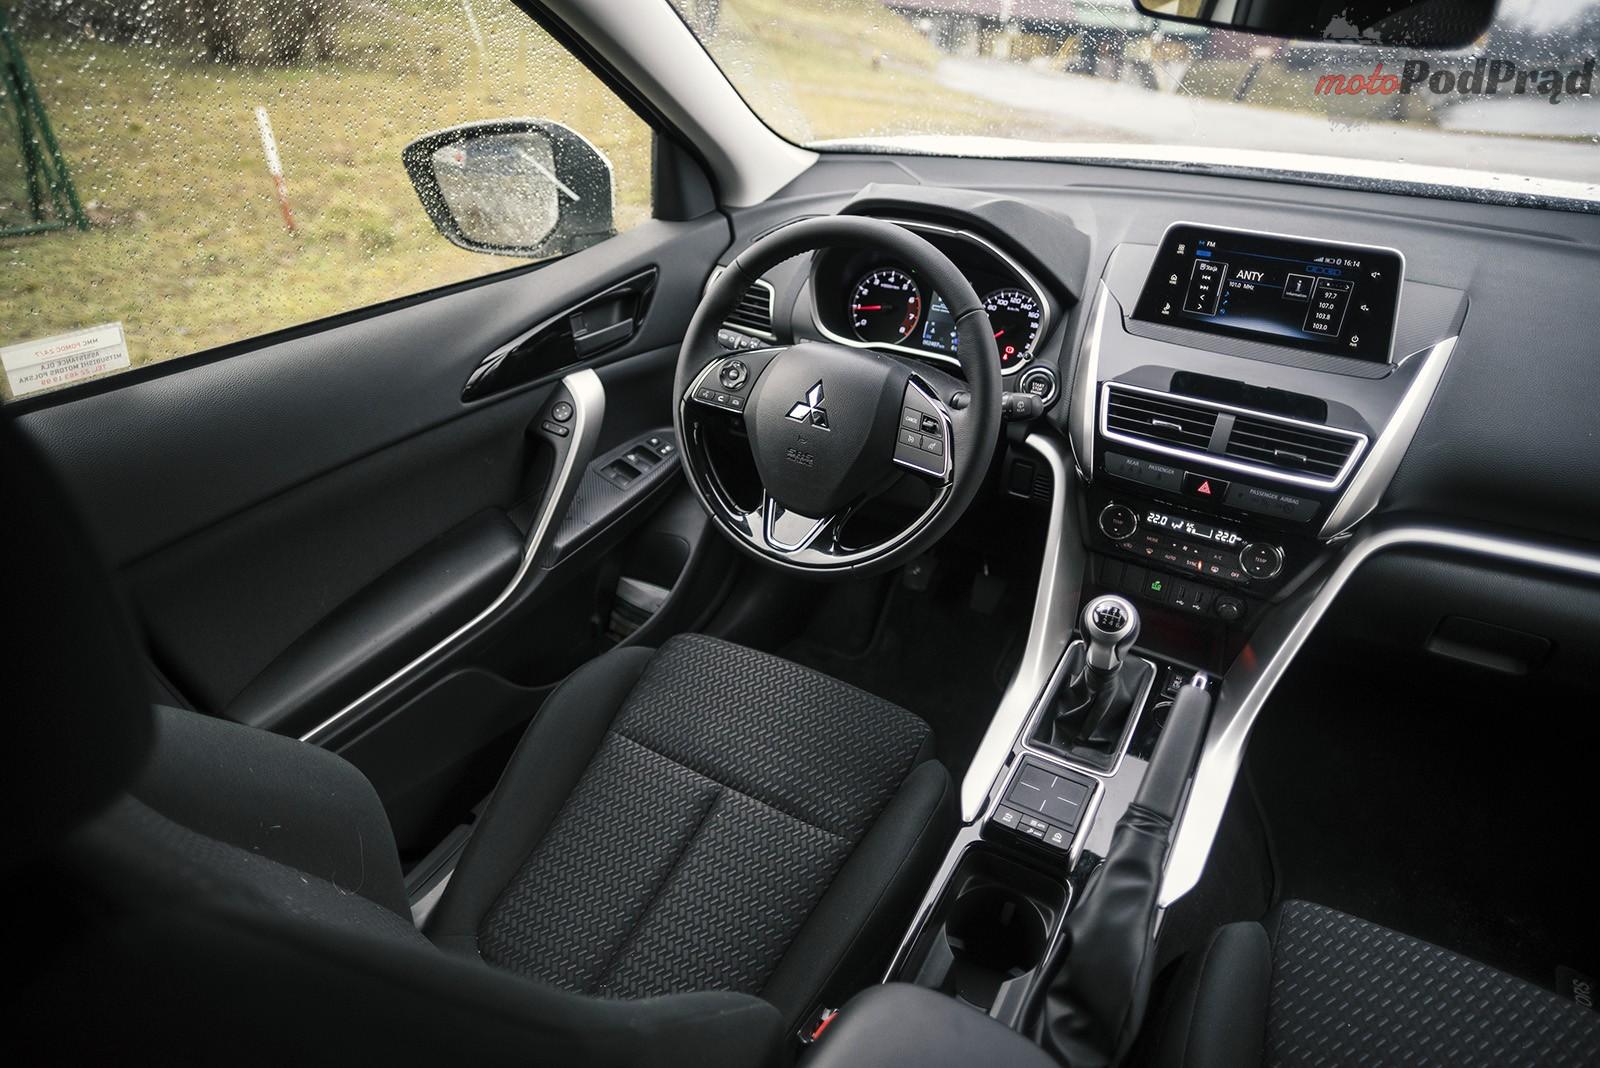 Mitsubishi Eclipse Cross 15 Test: Mitsubishi Eclipse Cross 1.5T 163 KM   zmiana przez modę